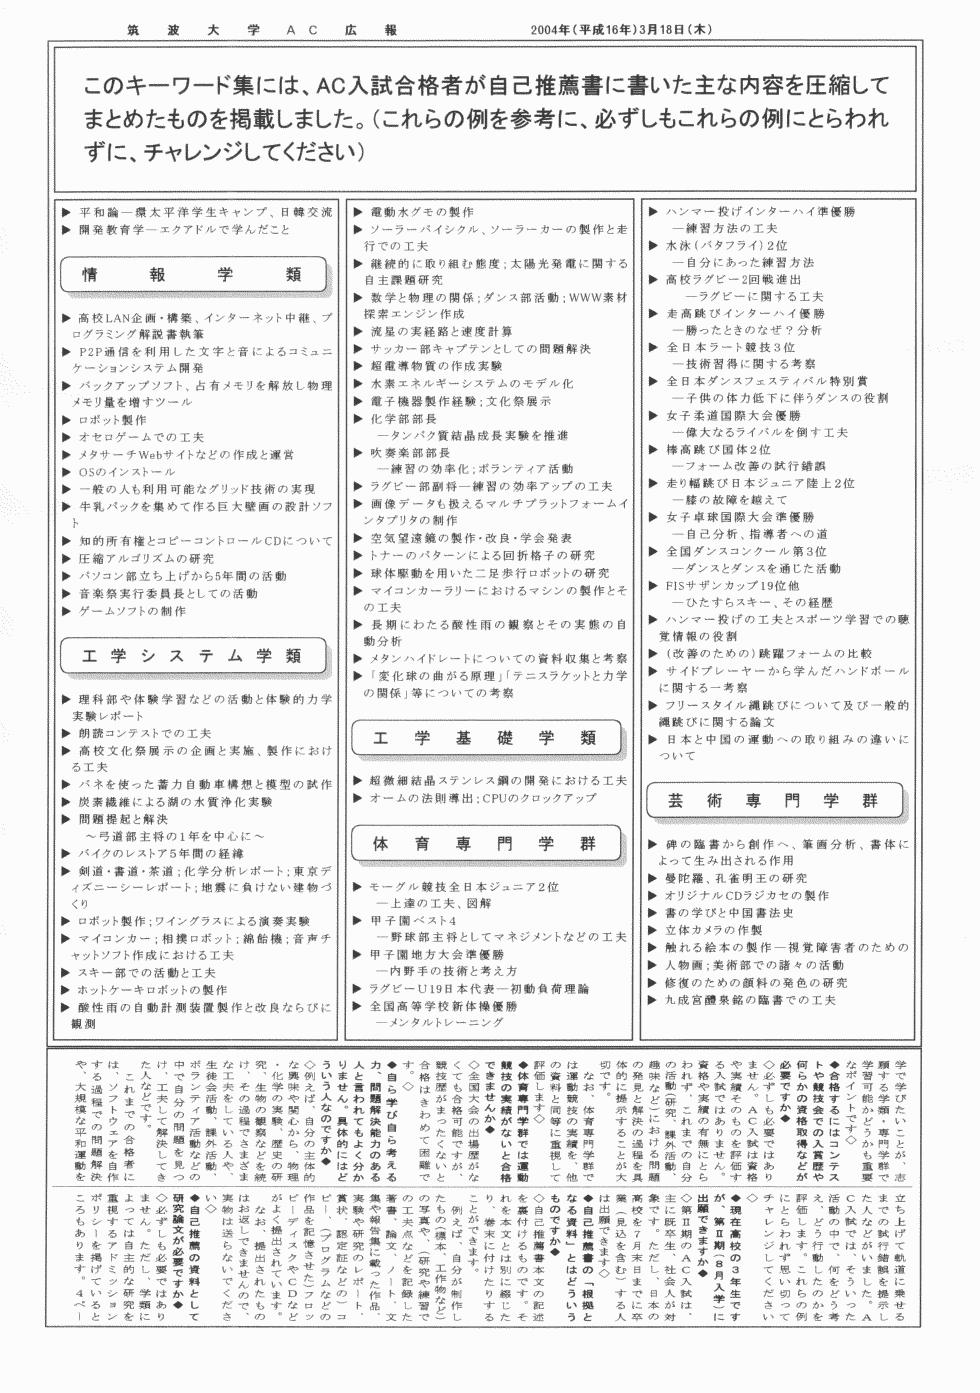 AC入試リーフレット 平成17年度版2